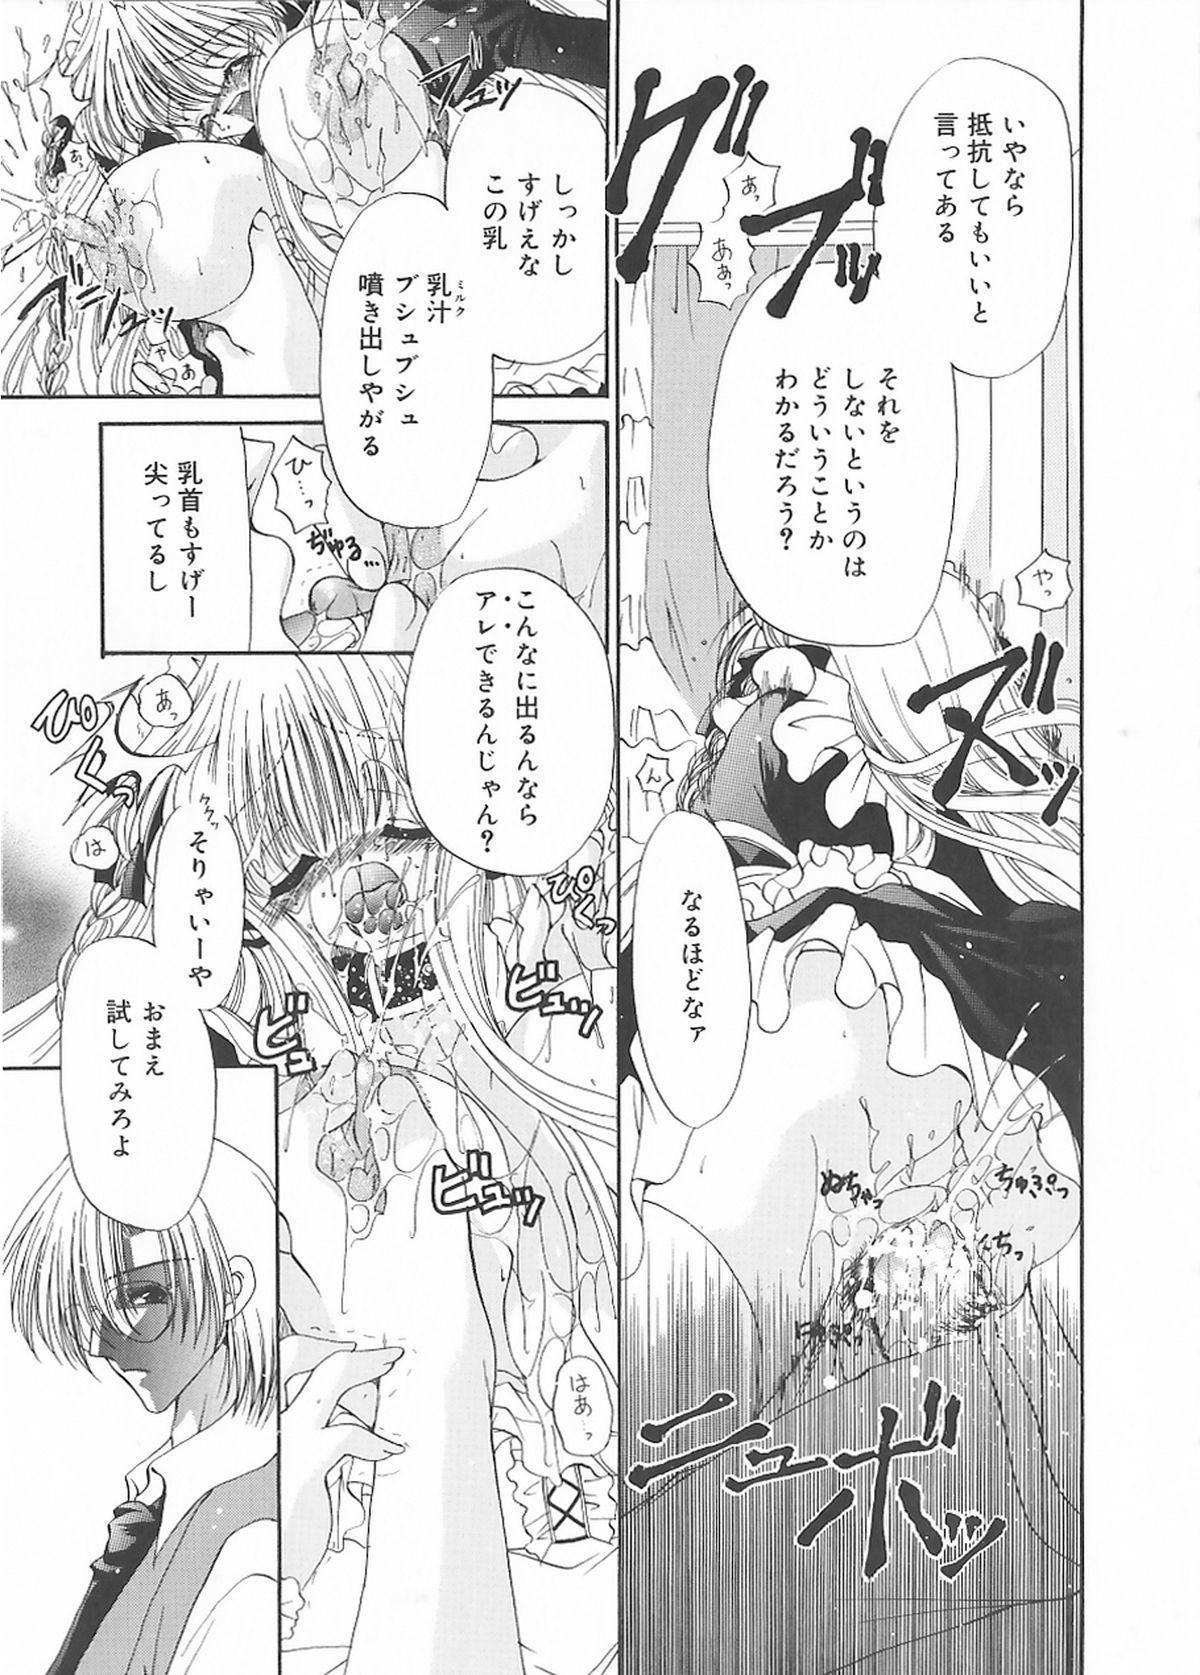 Cream Tengoku - Shinsouban 198